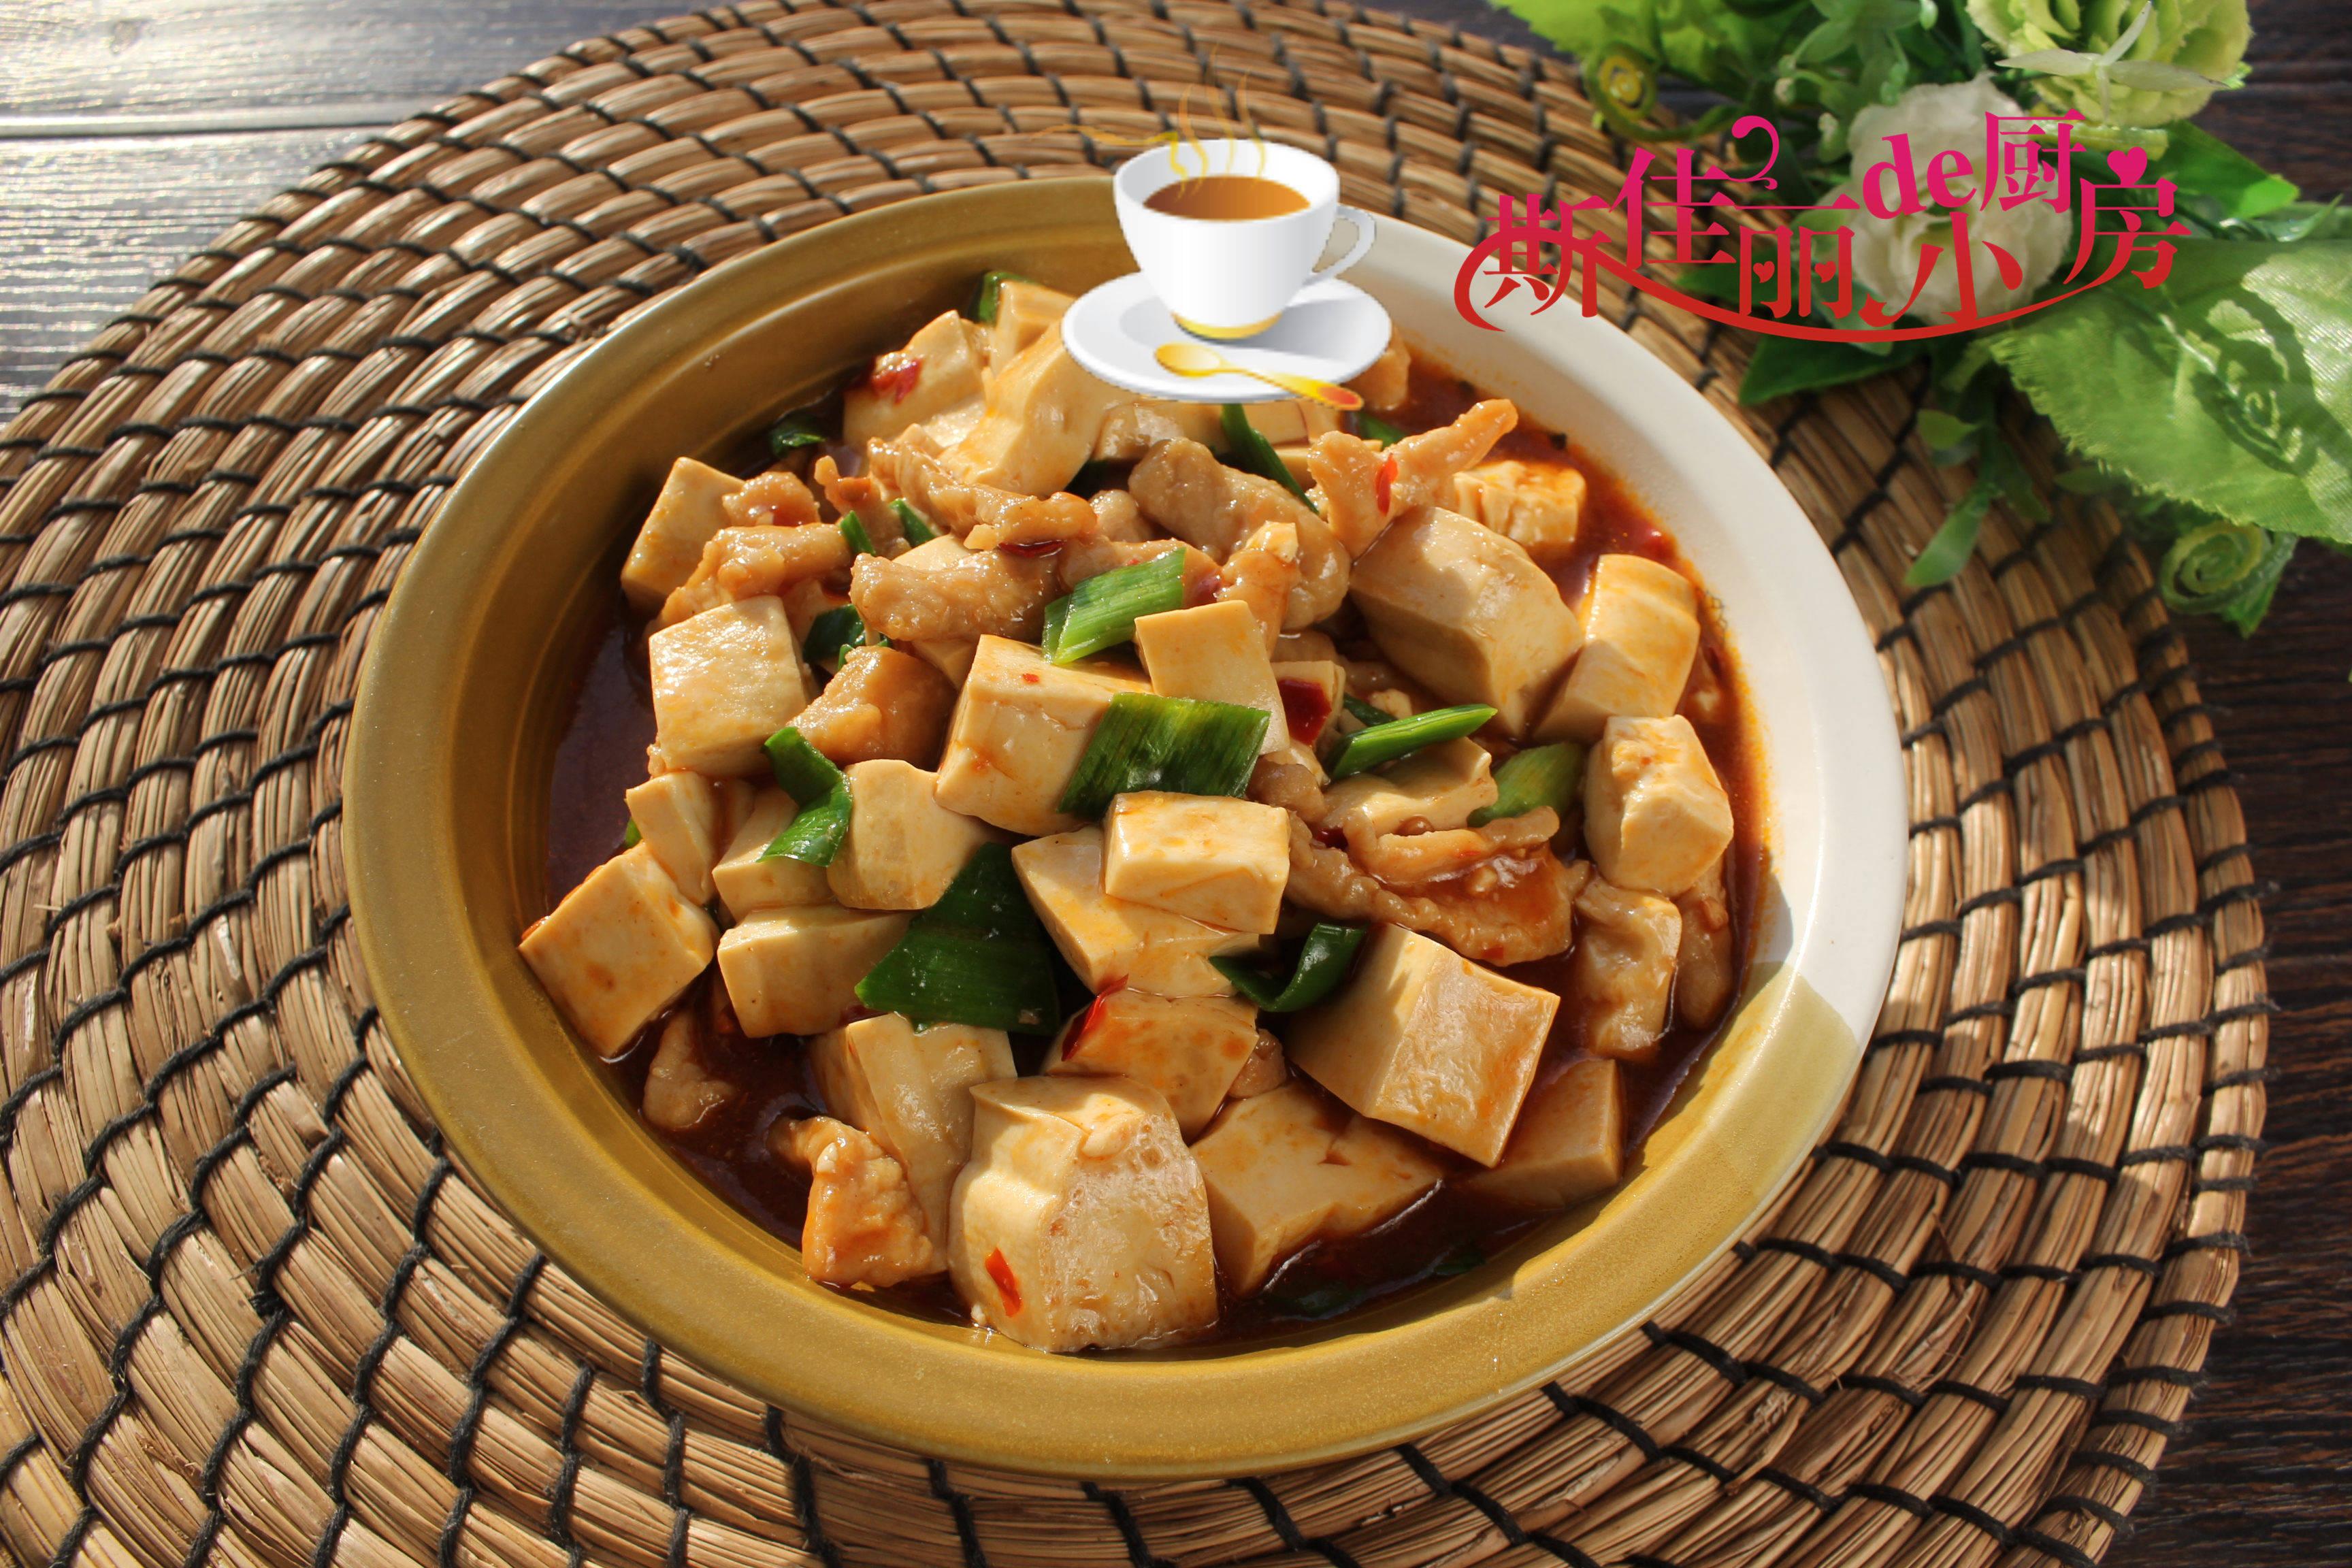 天冷来上这一锅热乎乎的烧豆腐,荤素一锅出,营养美味又暖身暖胃